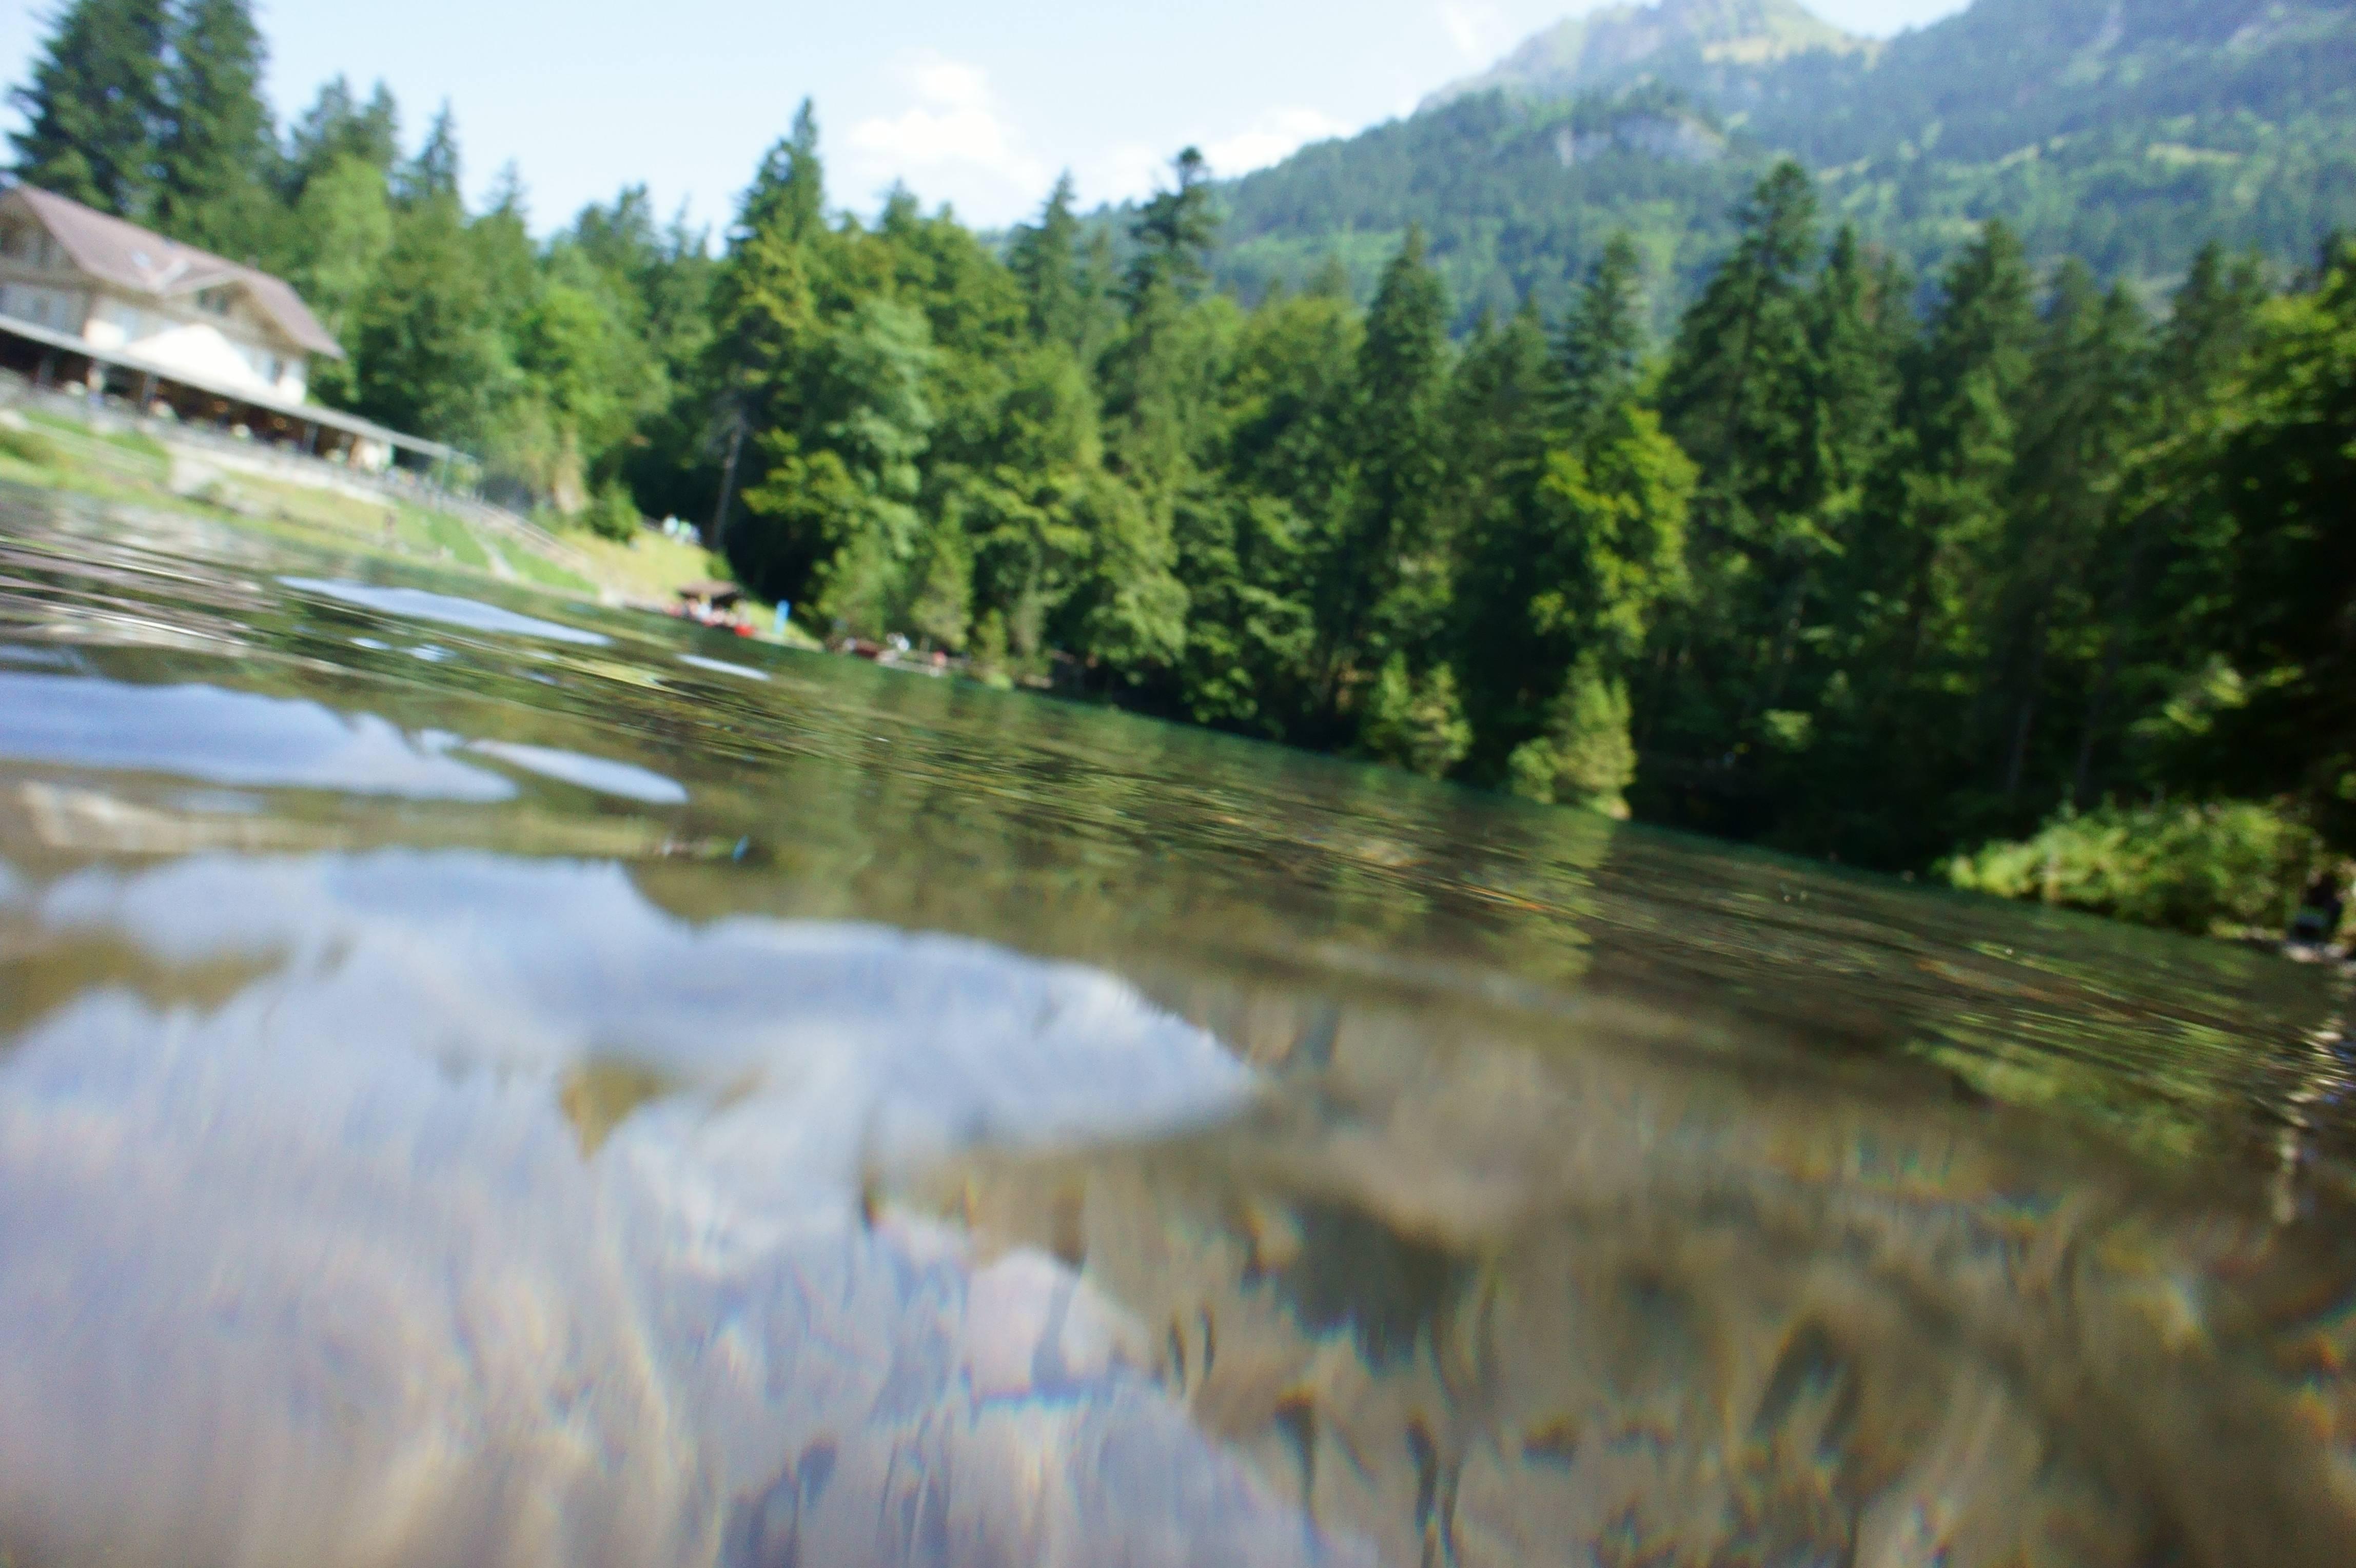 Photo 3: Le Lac de Blausee : L'eau cristalline qui coule de source